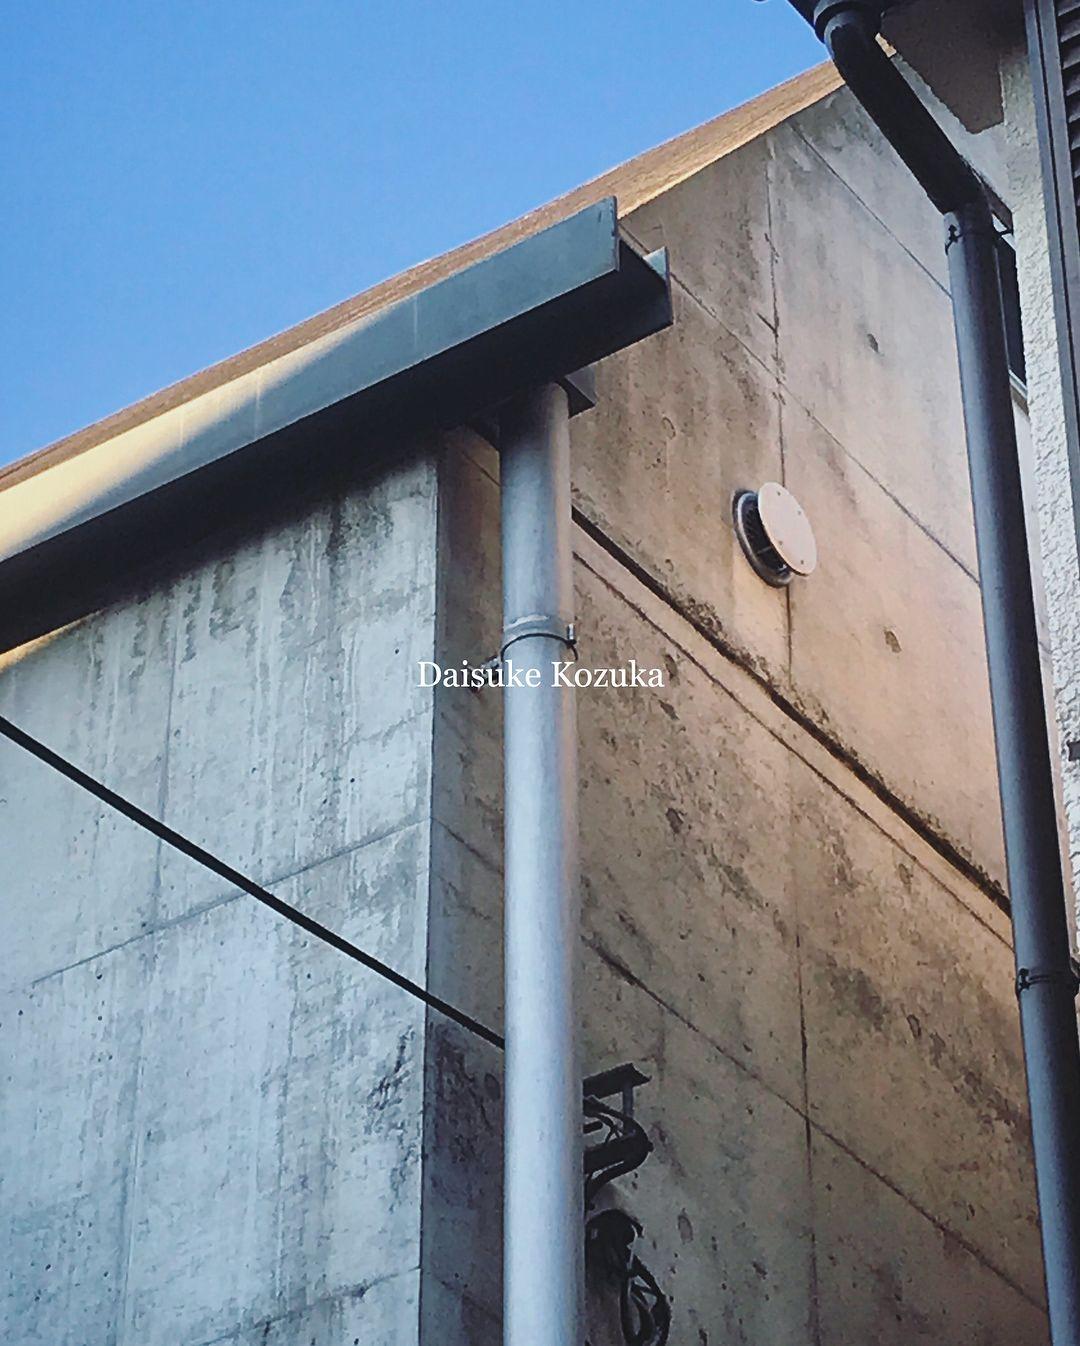 樋のある風景。H形鋼が軒樋。流石に垂れ流しは